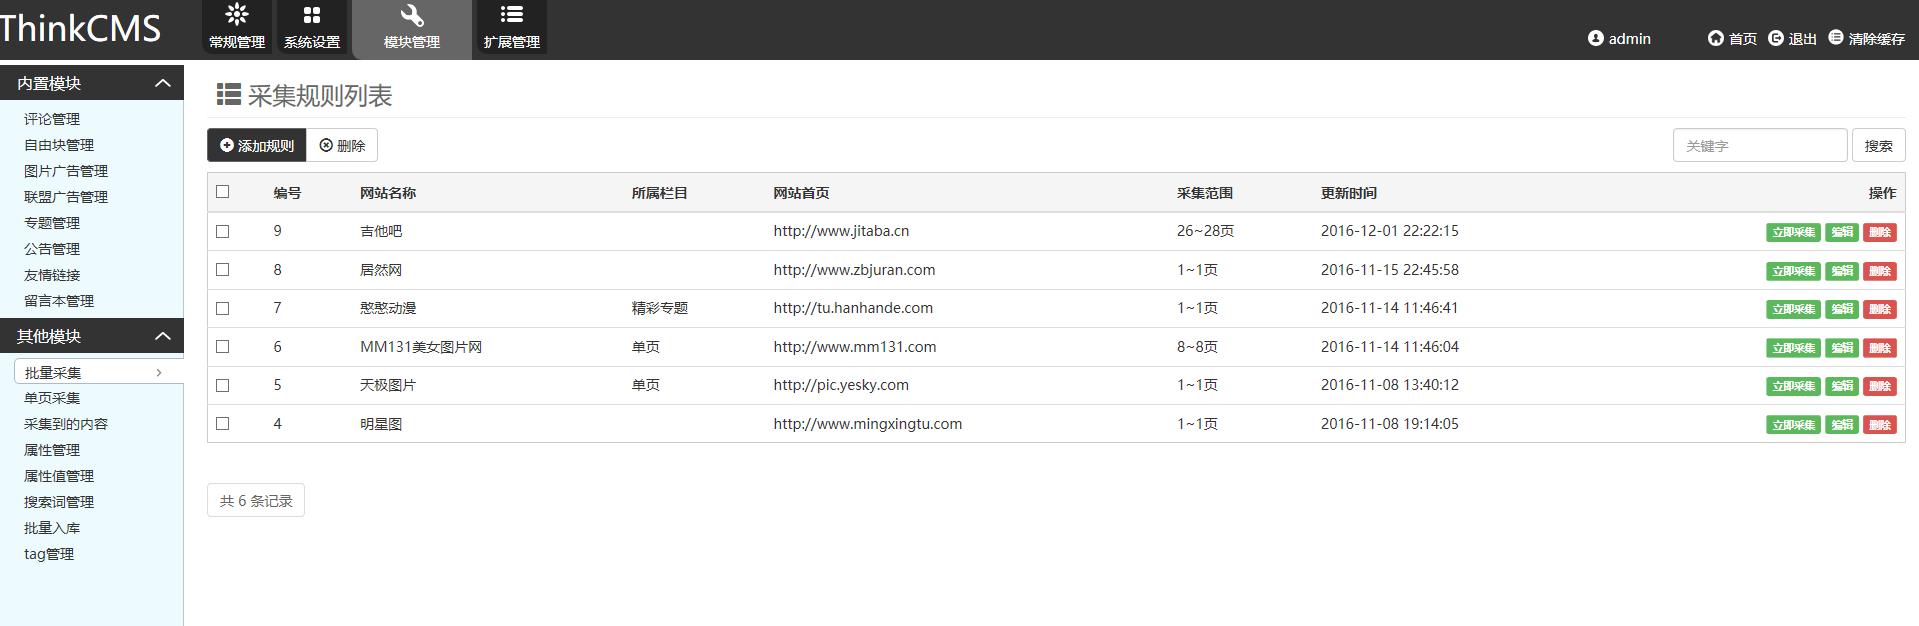 修复版tp仿素材火素材网整站模板源码 虚拟产品购买系统加会员系统